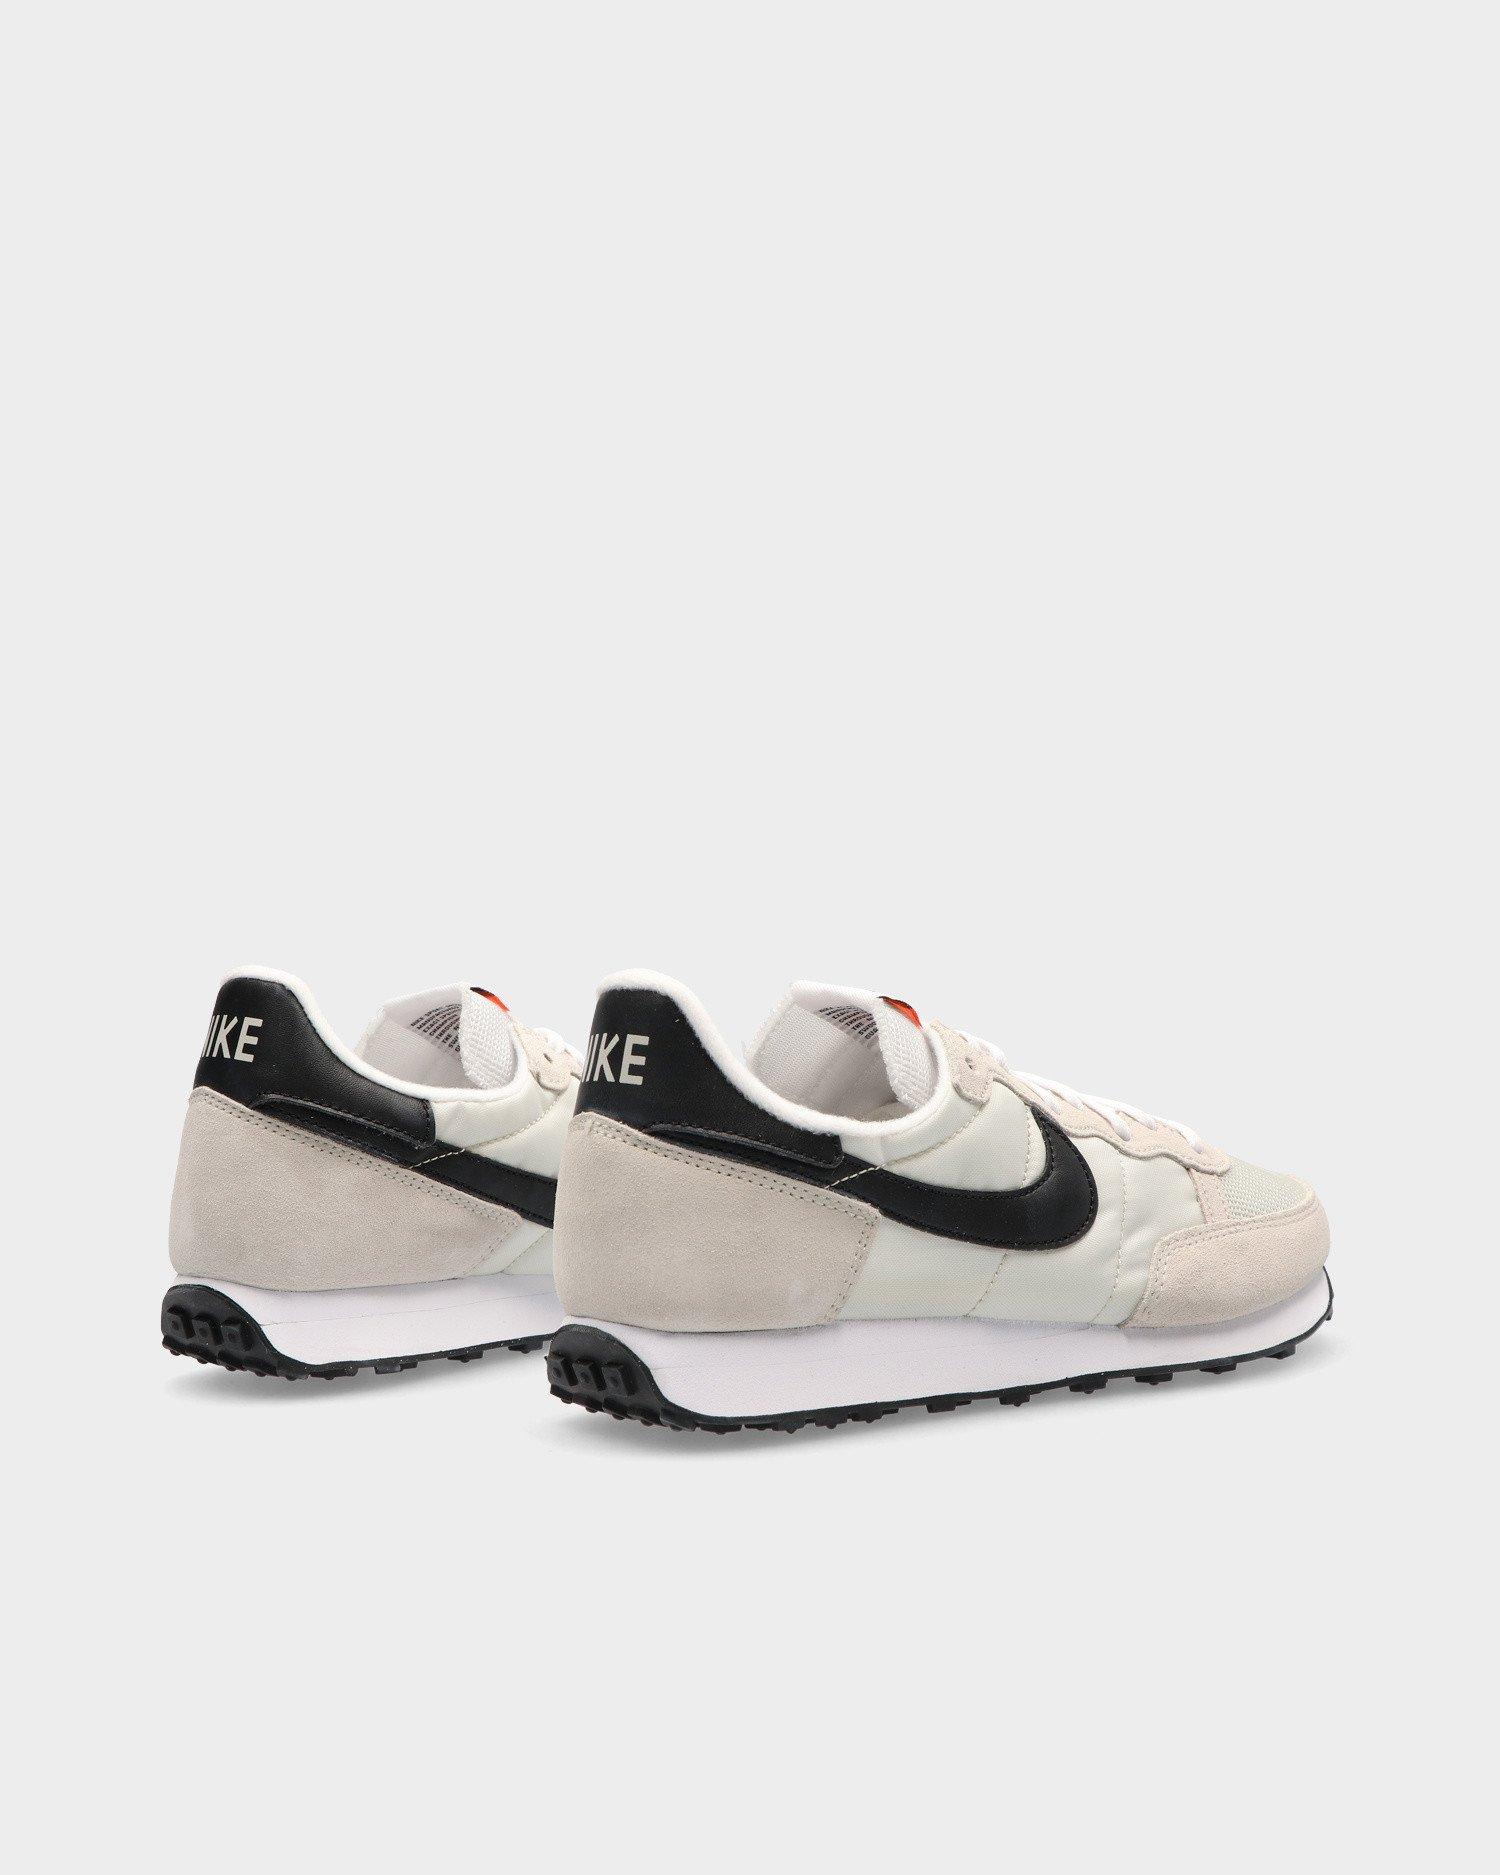 Nike Challenger OG Light Bone/Black-White